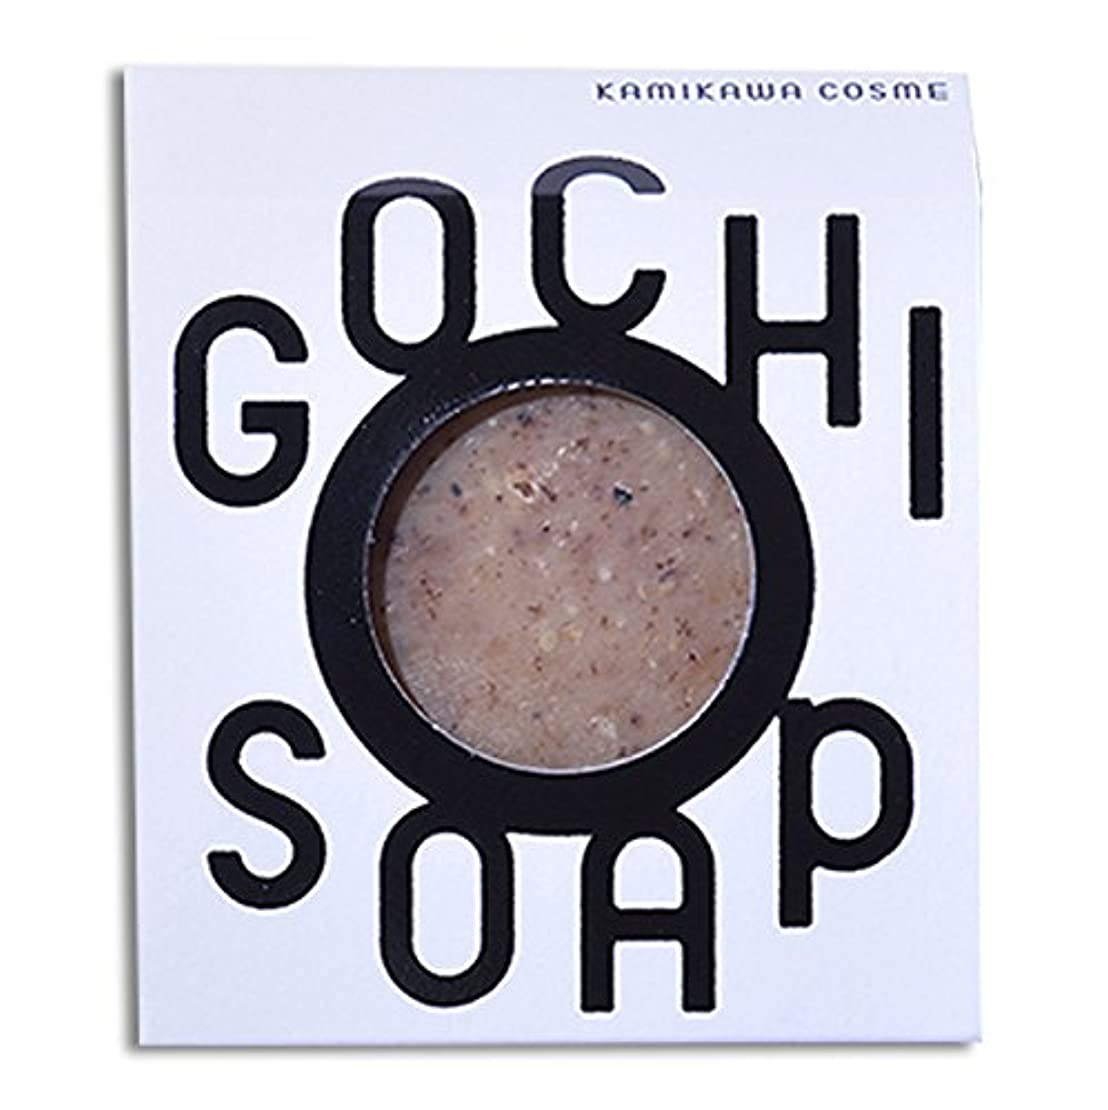 良いソート若い道北の素材を使用したコスメブランド GOCHI SOAP(上森米穀店の黒米ぬかソープ?谷口農場のトマトソープ)各1個セット